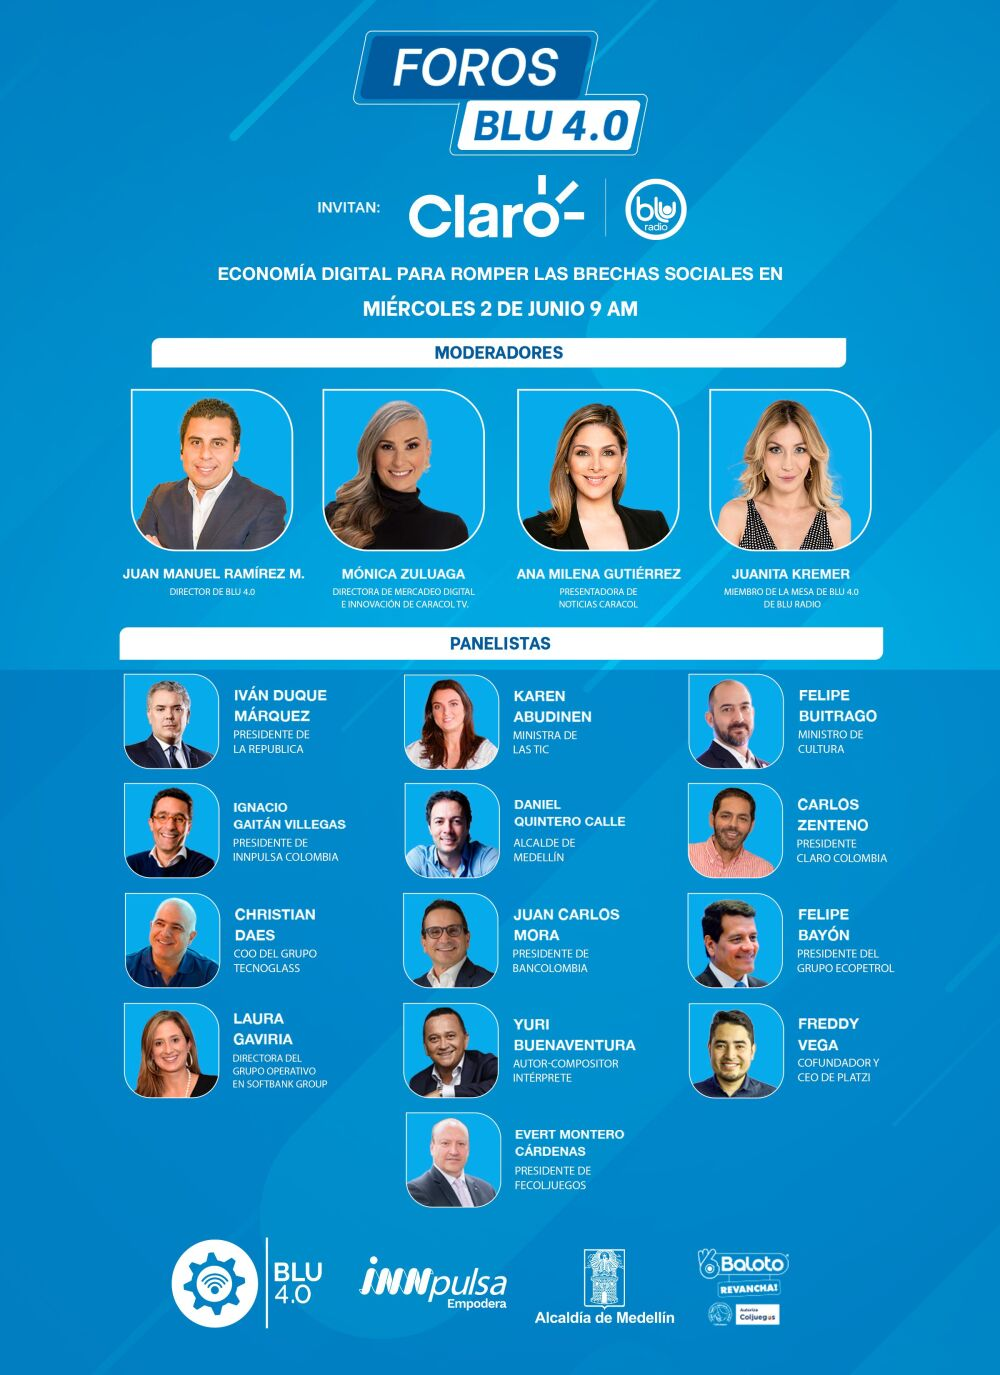 Foro Blu 4.0: Economía digital para superar las brechas sociales en Colombia